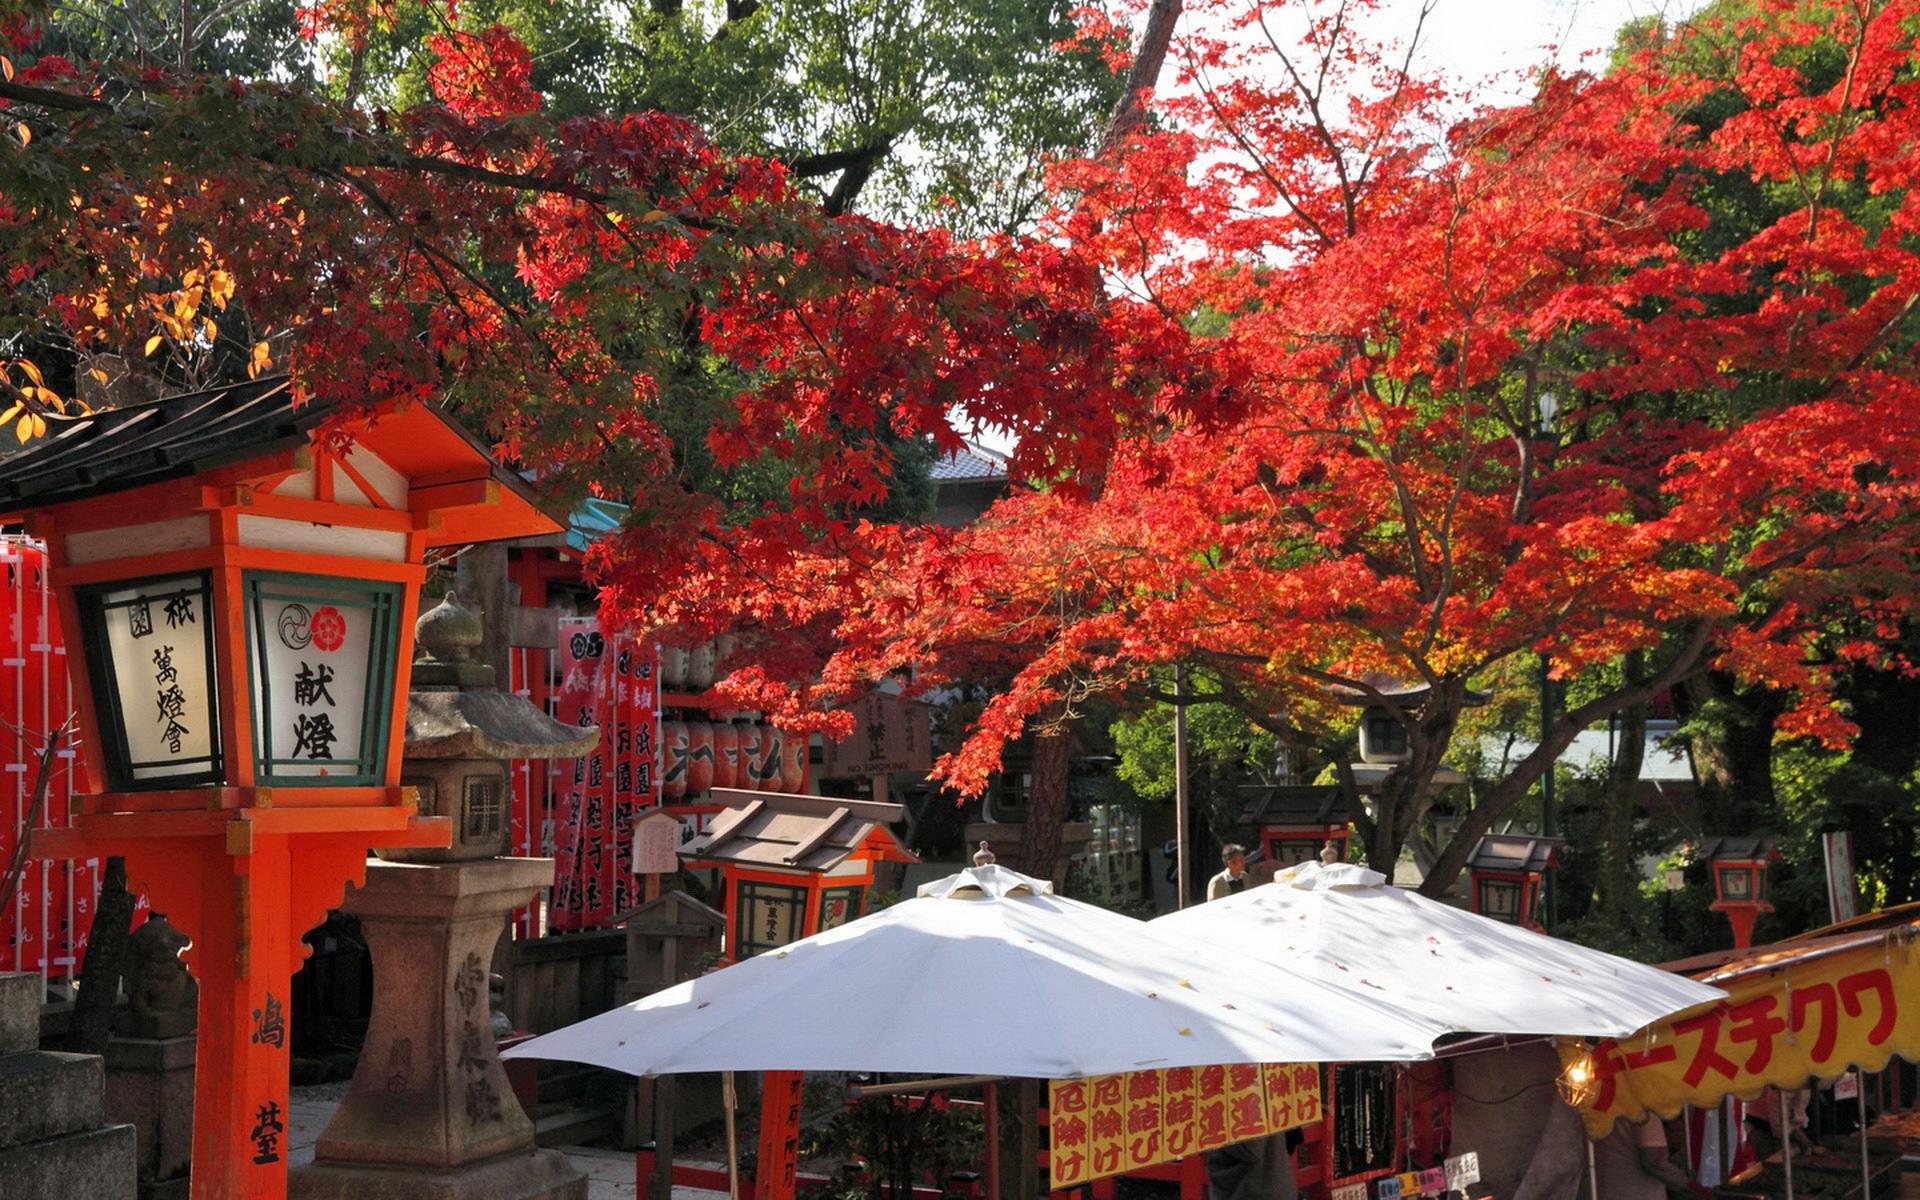 日本 壁纸 红叶/[心情贴图]红叶/庭院观[复制链接]...